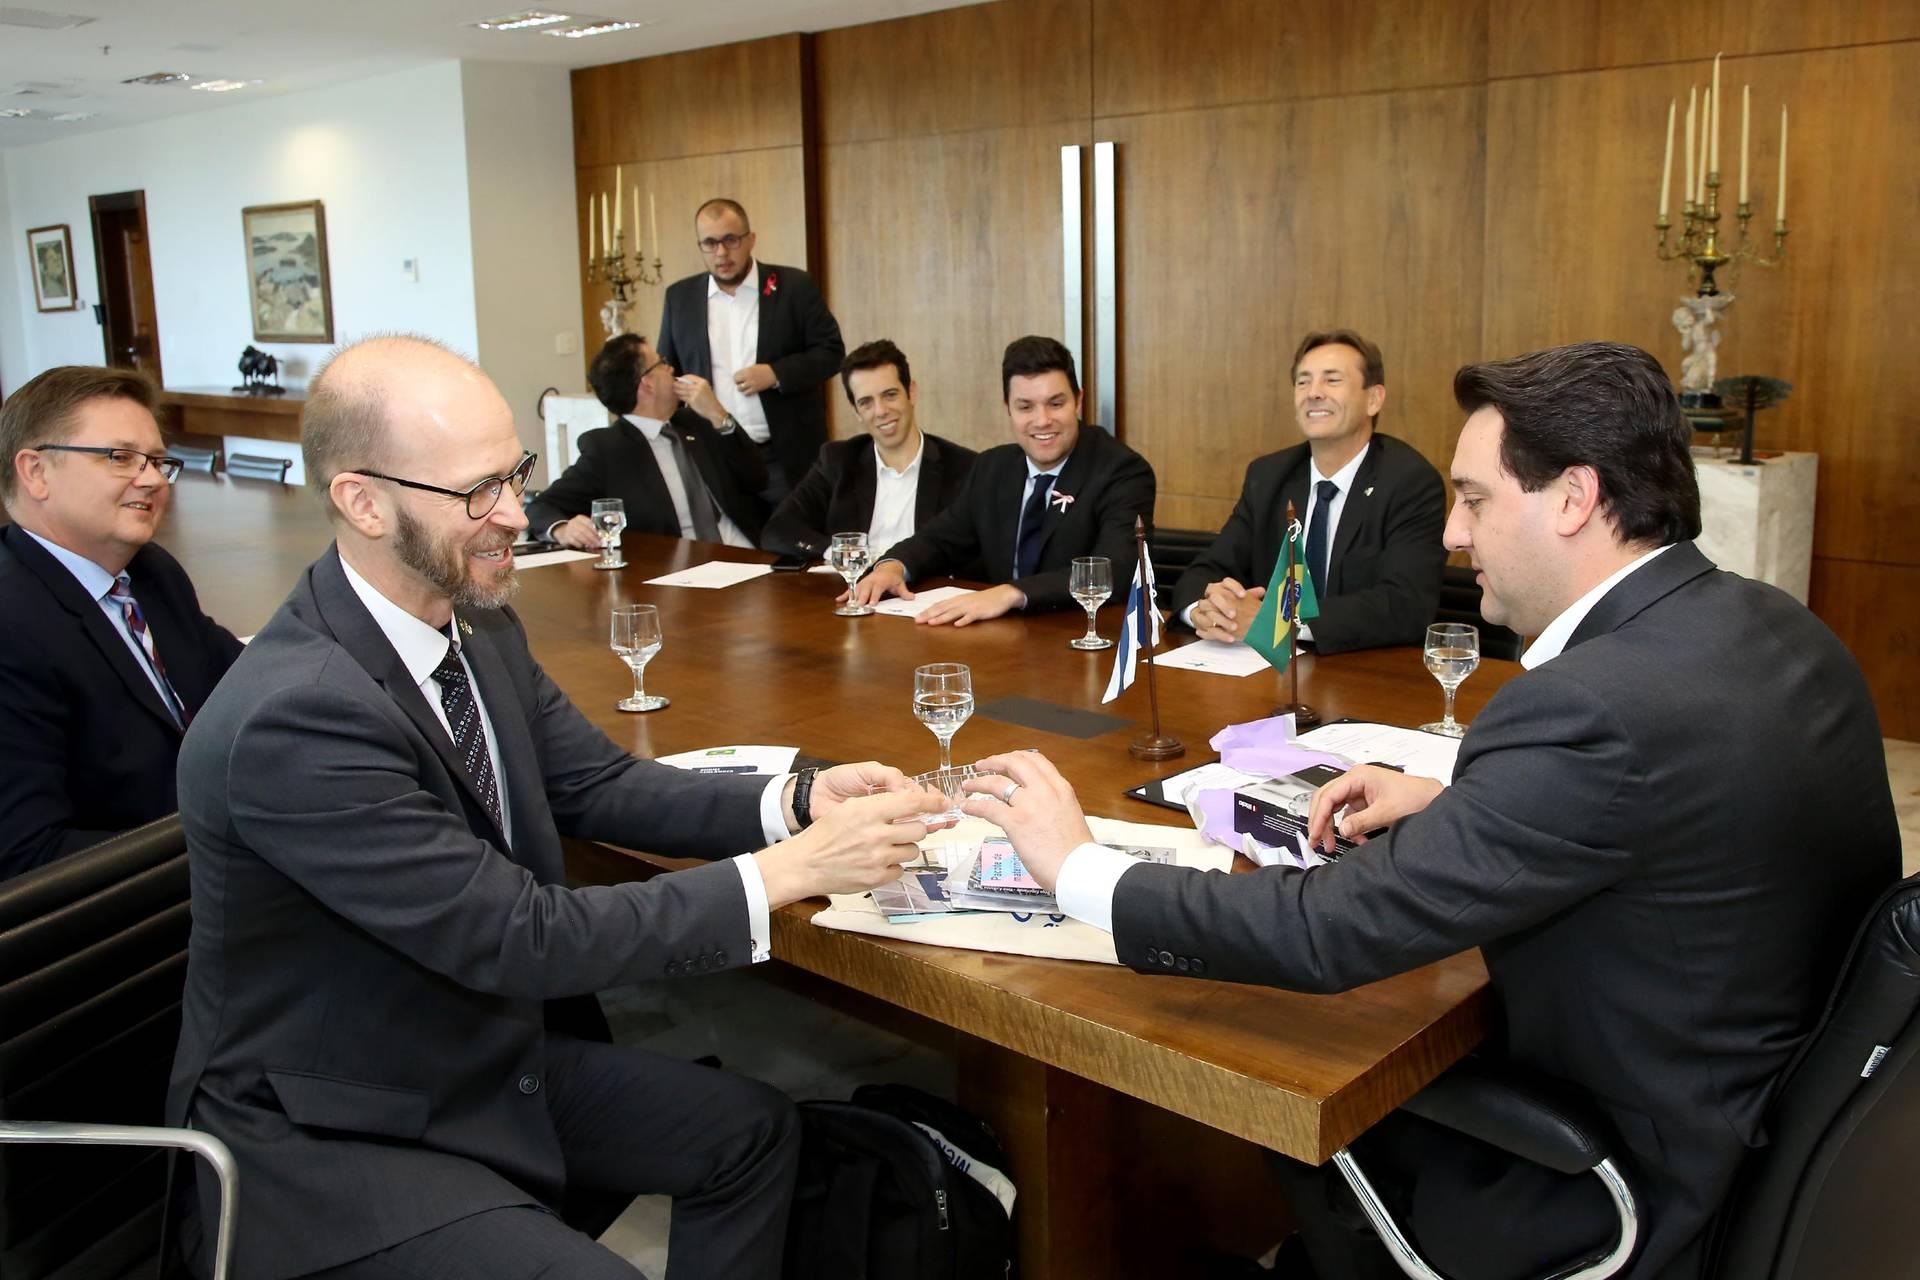 Em parceria com a Embaixada da Finlândia no Brasil, o Governo do Estado vai enviar a Helsinque comitiva com 40 professores da Rede Estadual de Ensino